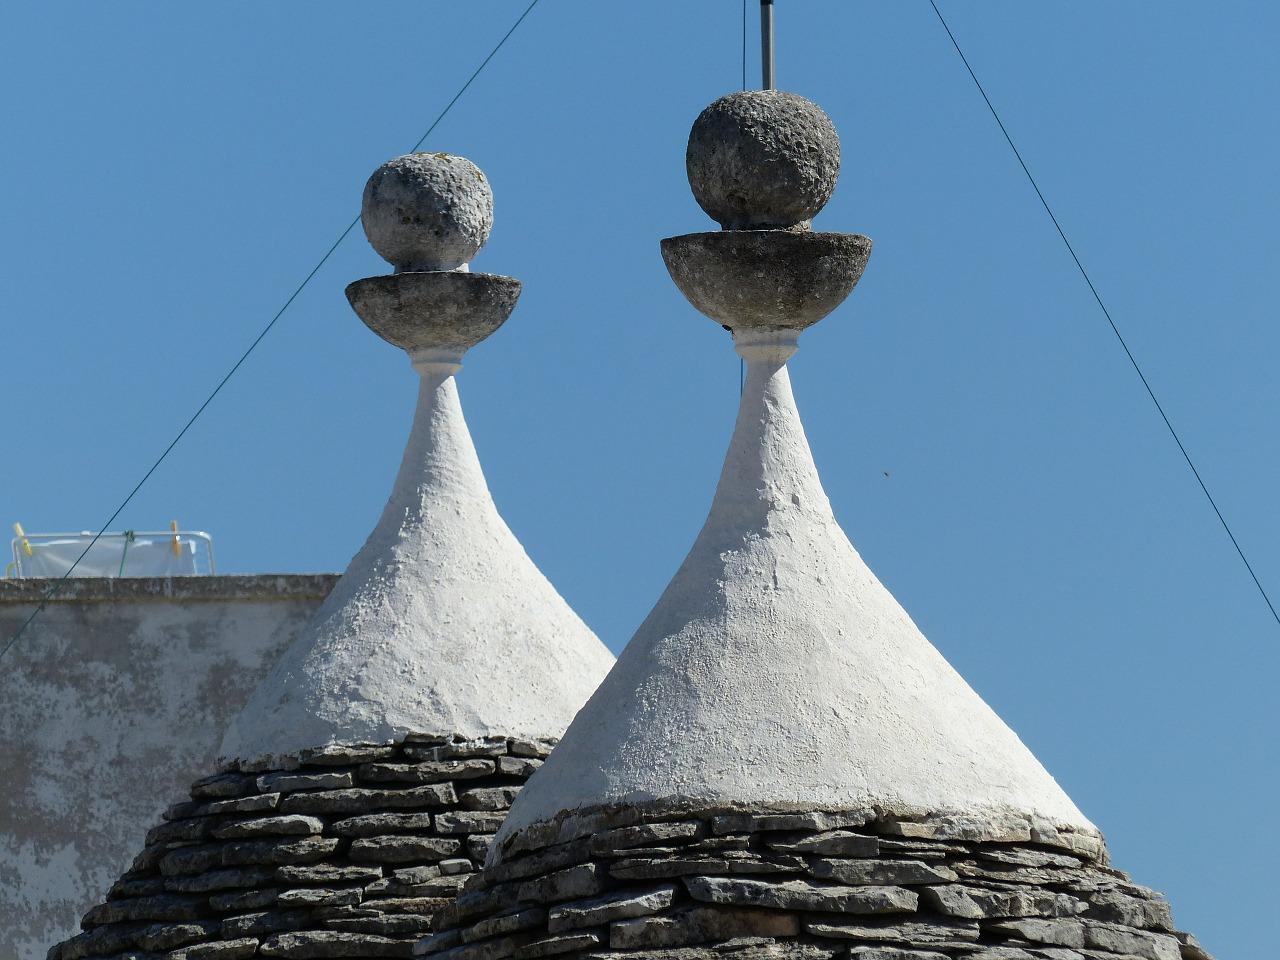 vista-trulli-alberobello-puglia-italia